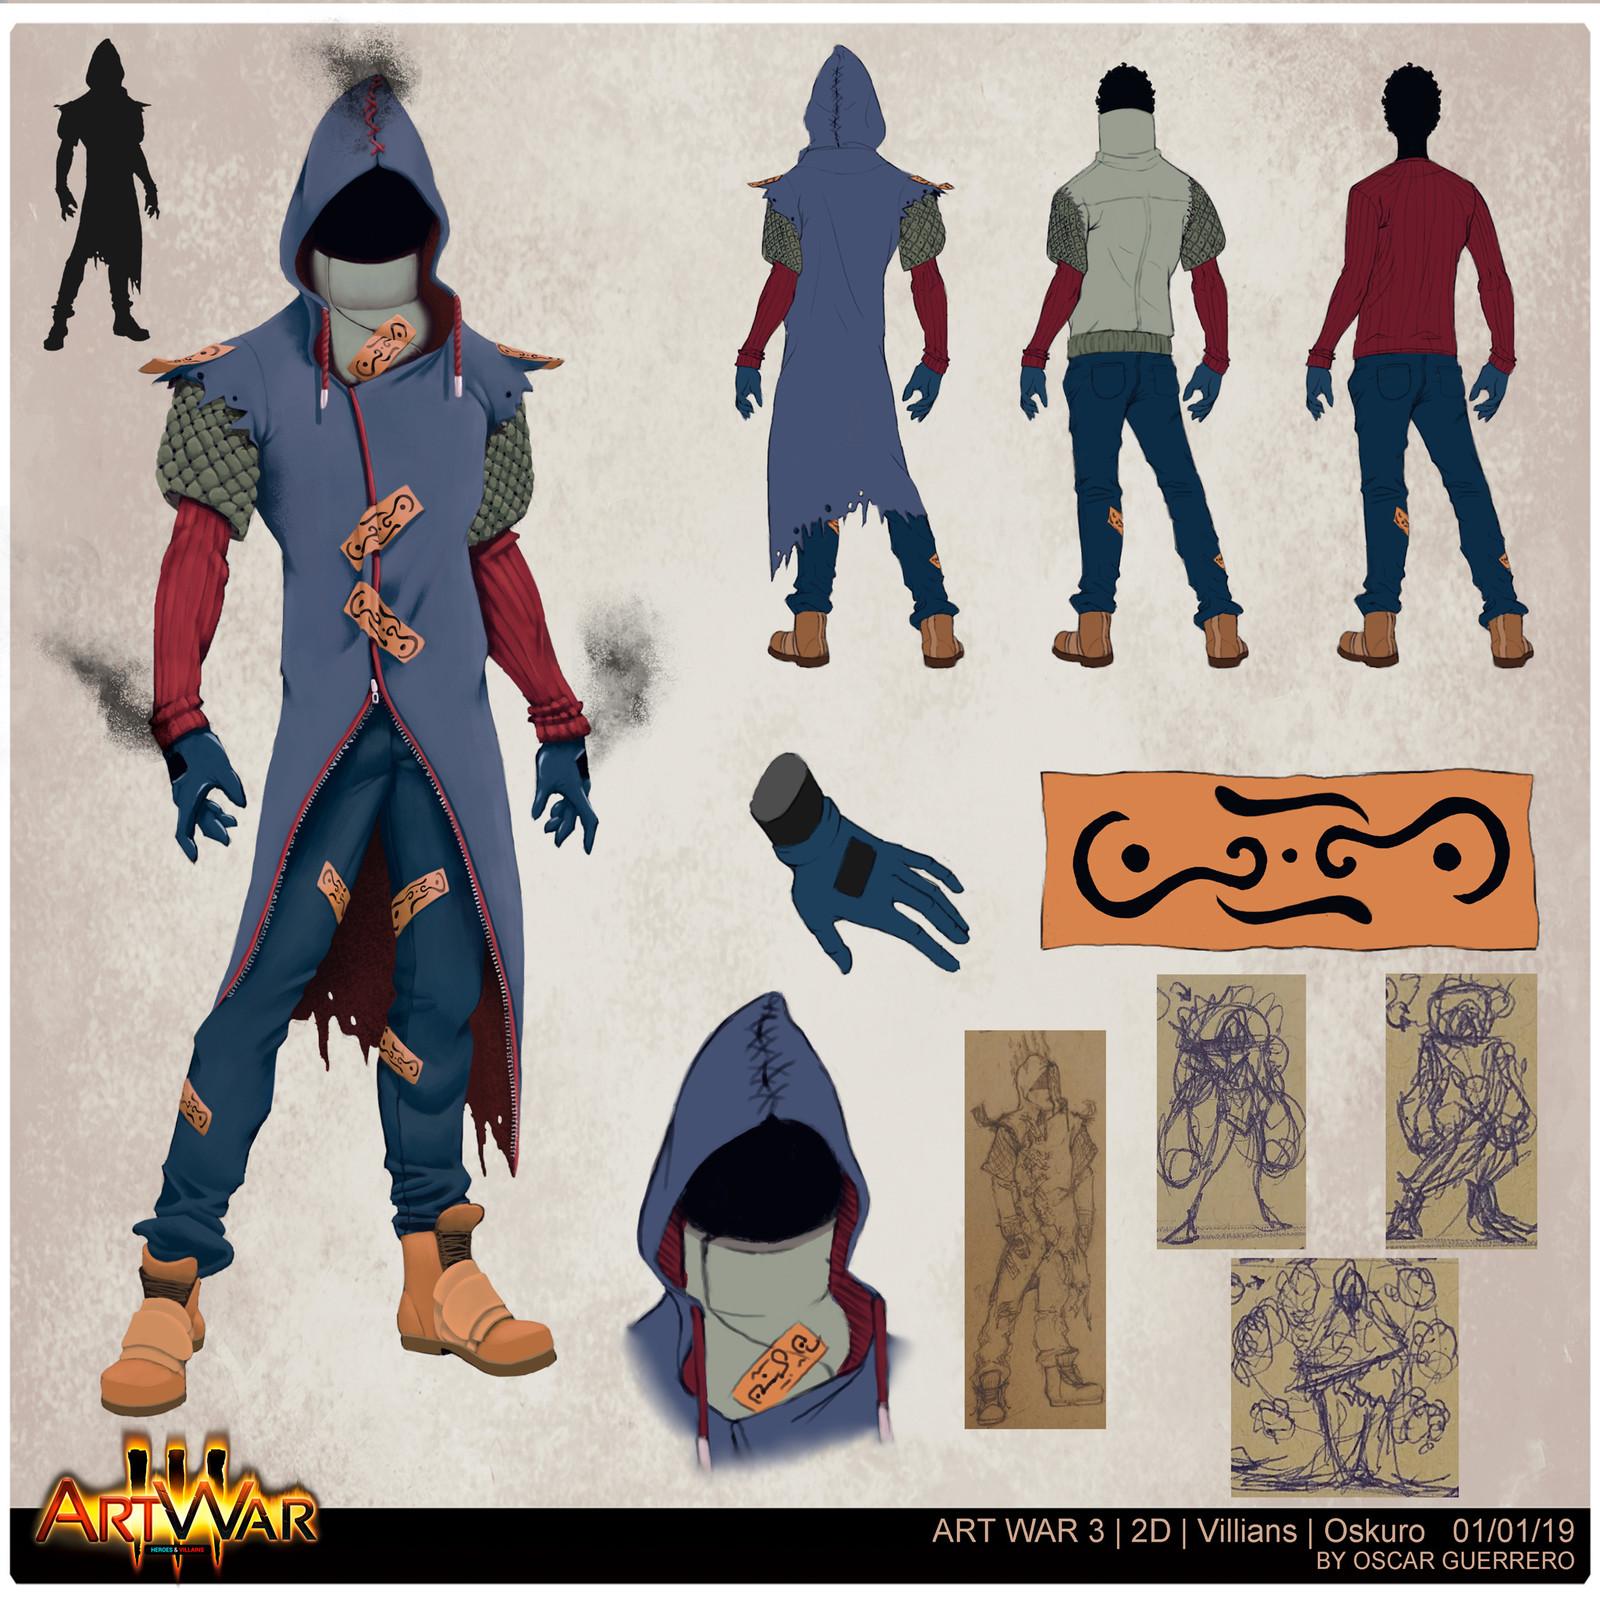 Art War 3 Villain: Oskuro